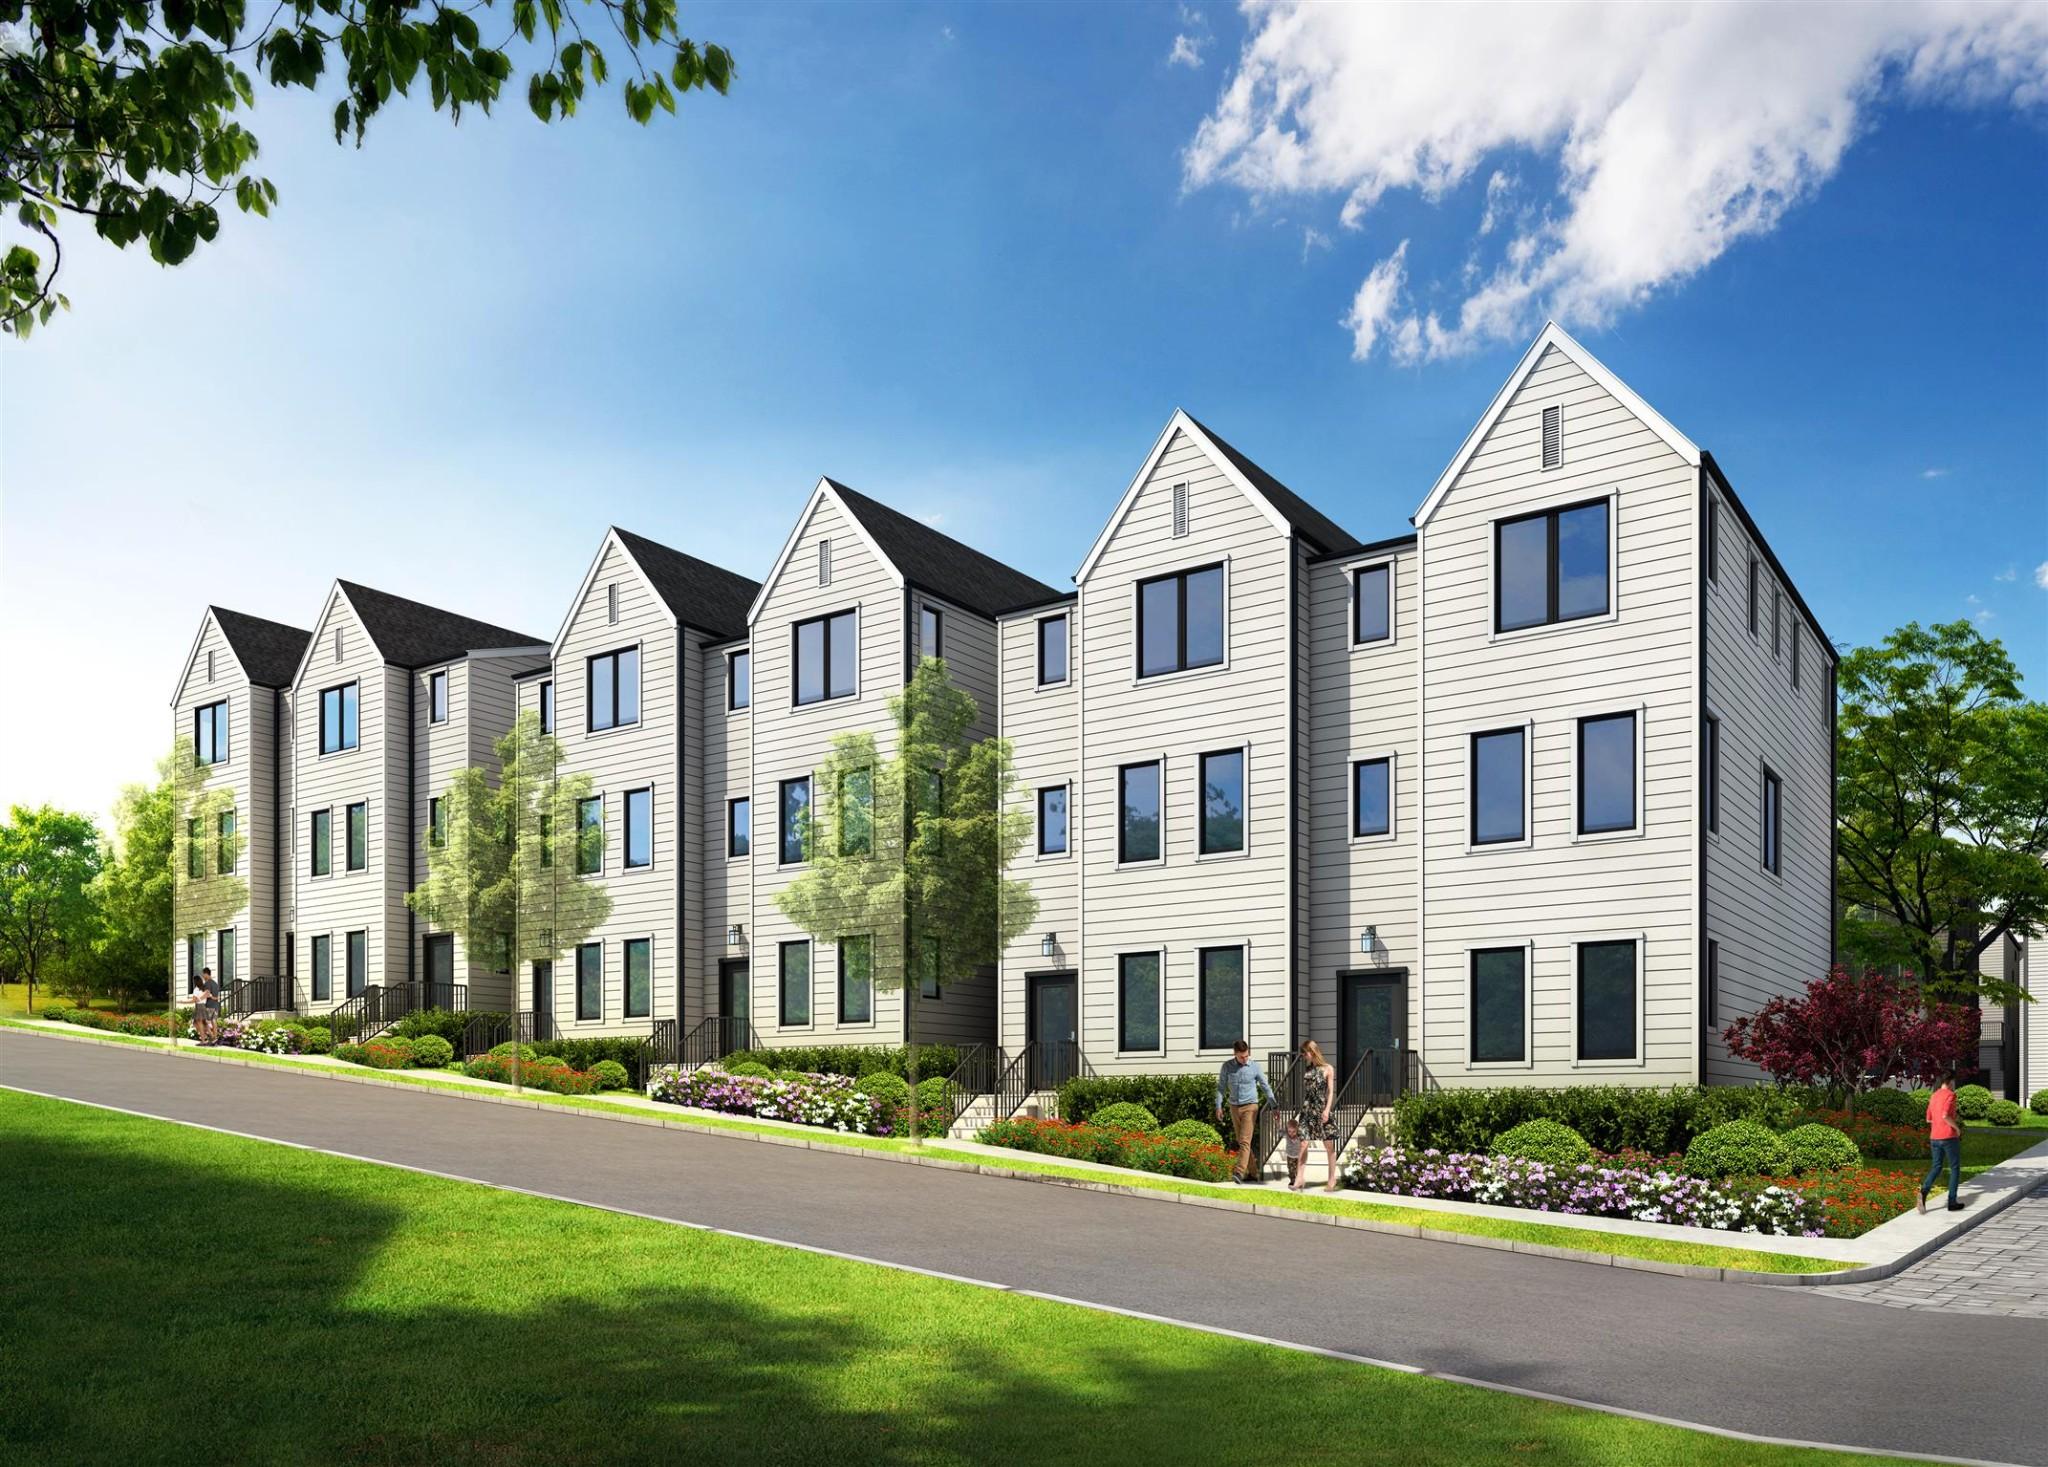 6002 Sterling St, Nashville, TN 37209 - Nashville, TN real estate listing